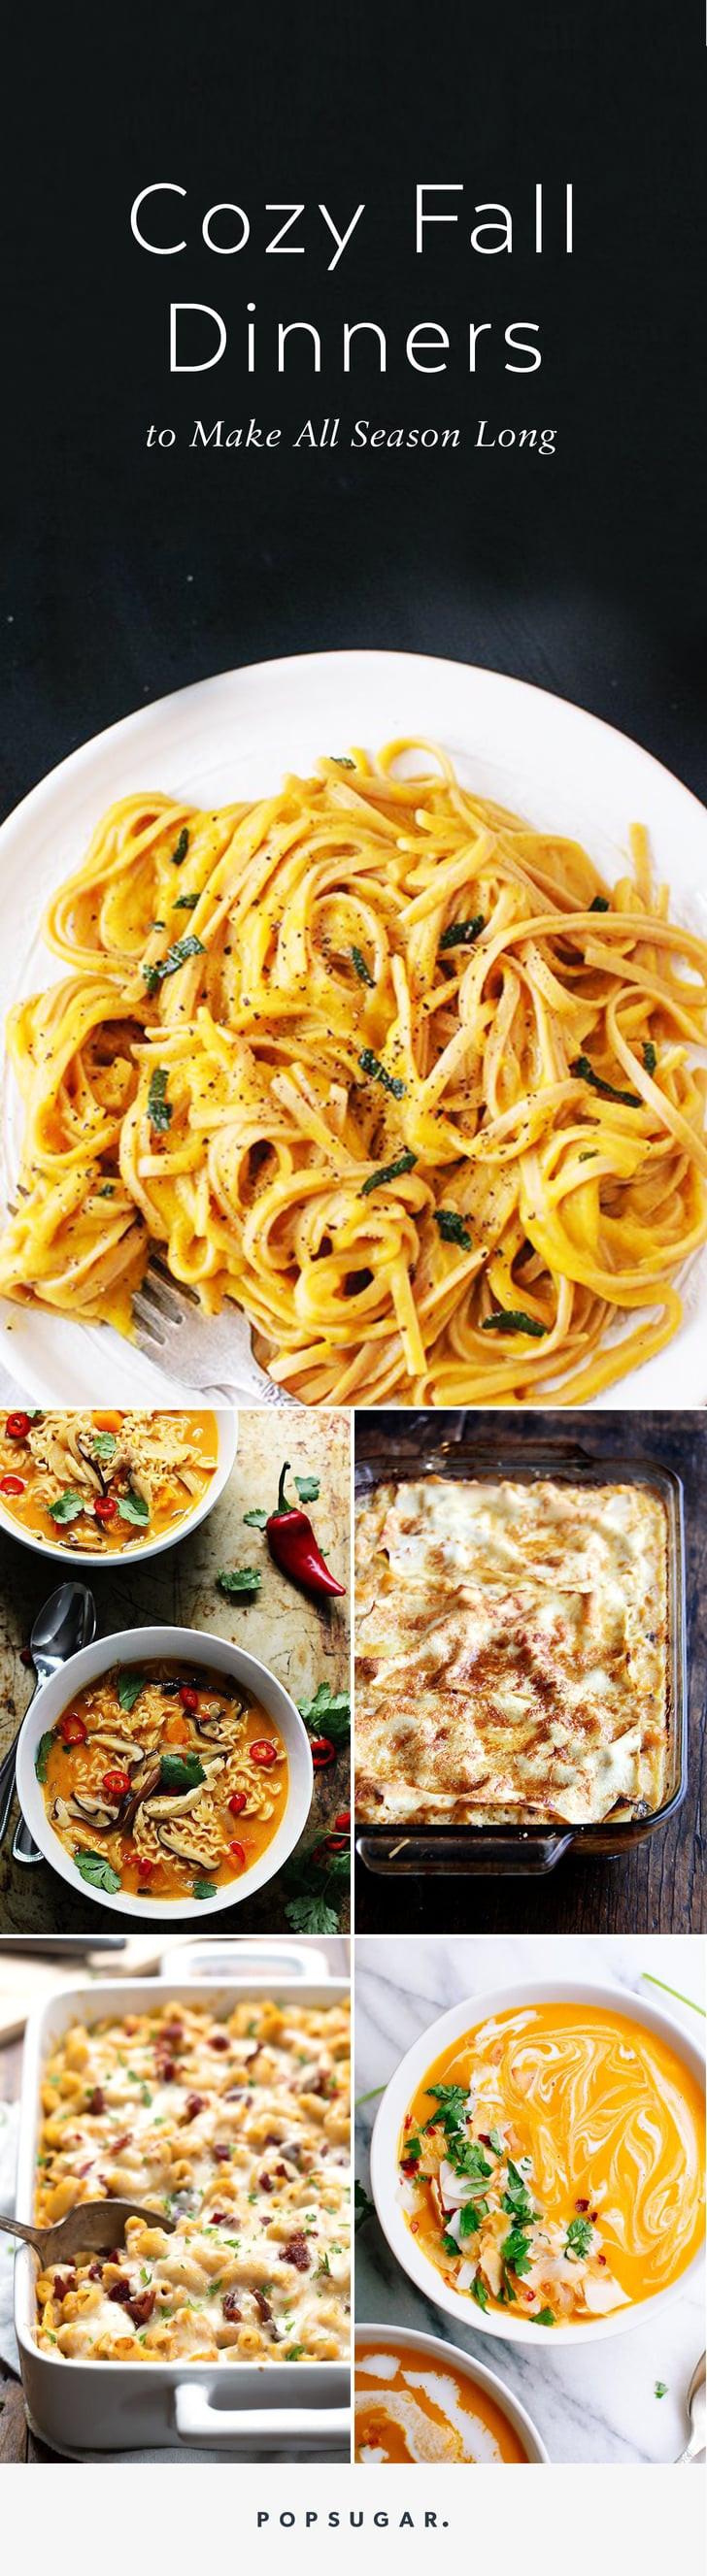 Fall Sunday Dinner Ideas  Fall Dinner Recipes